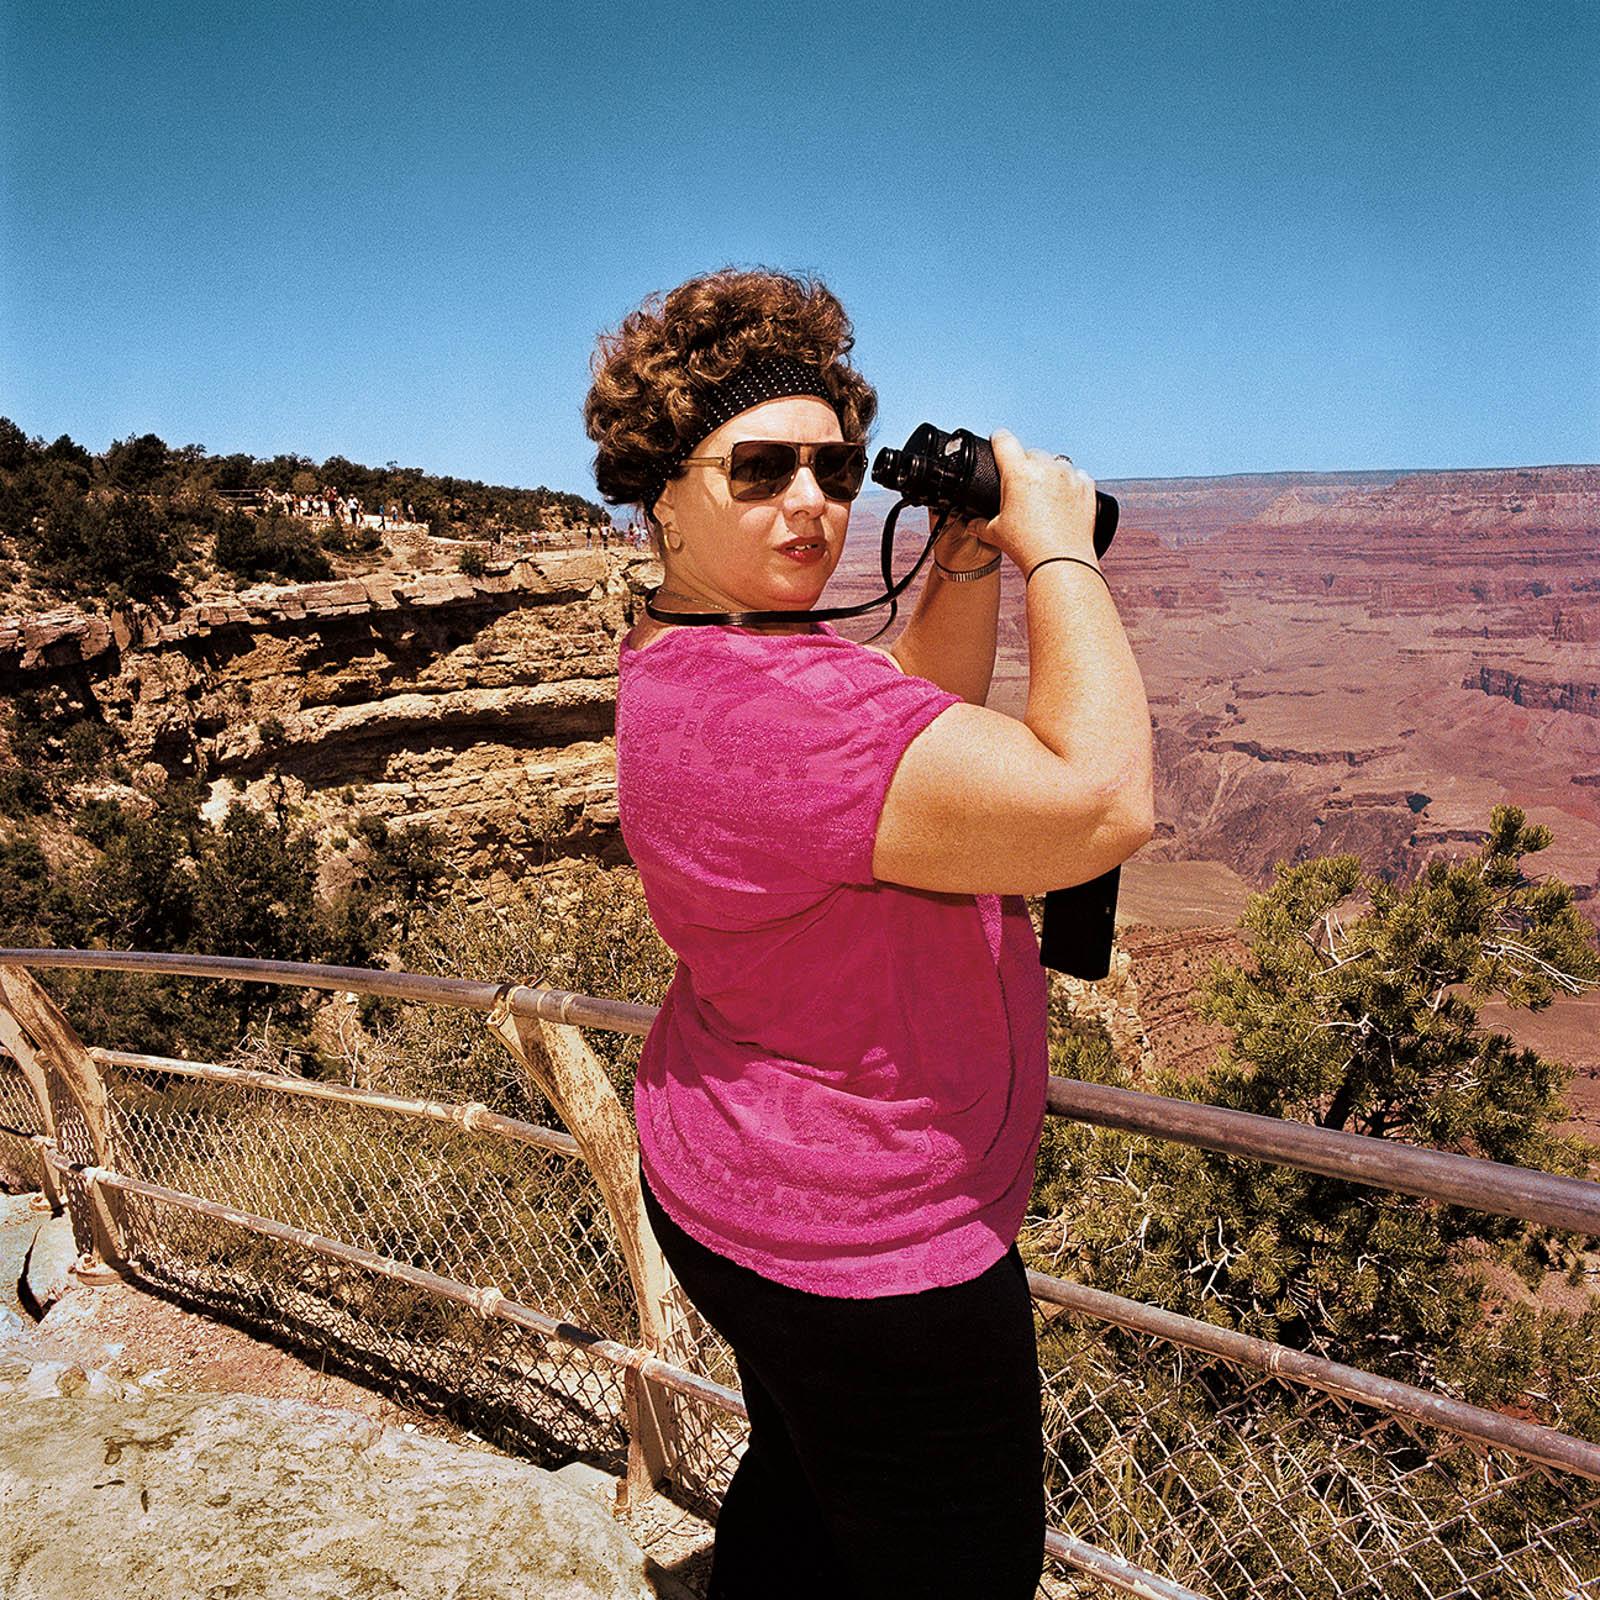 Woman at Grand Canyon National Park, Arizona 1980